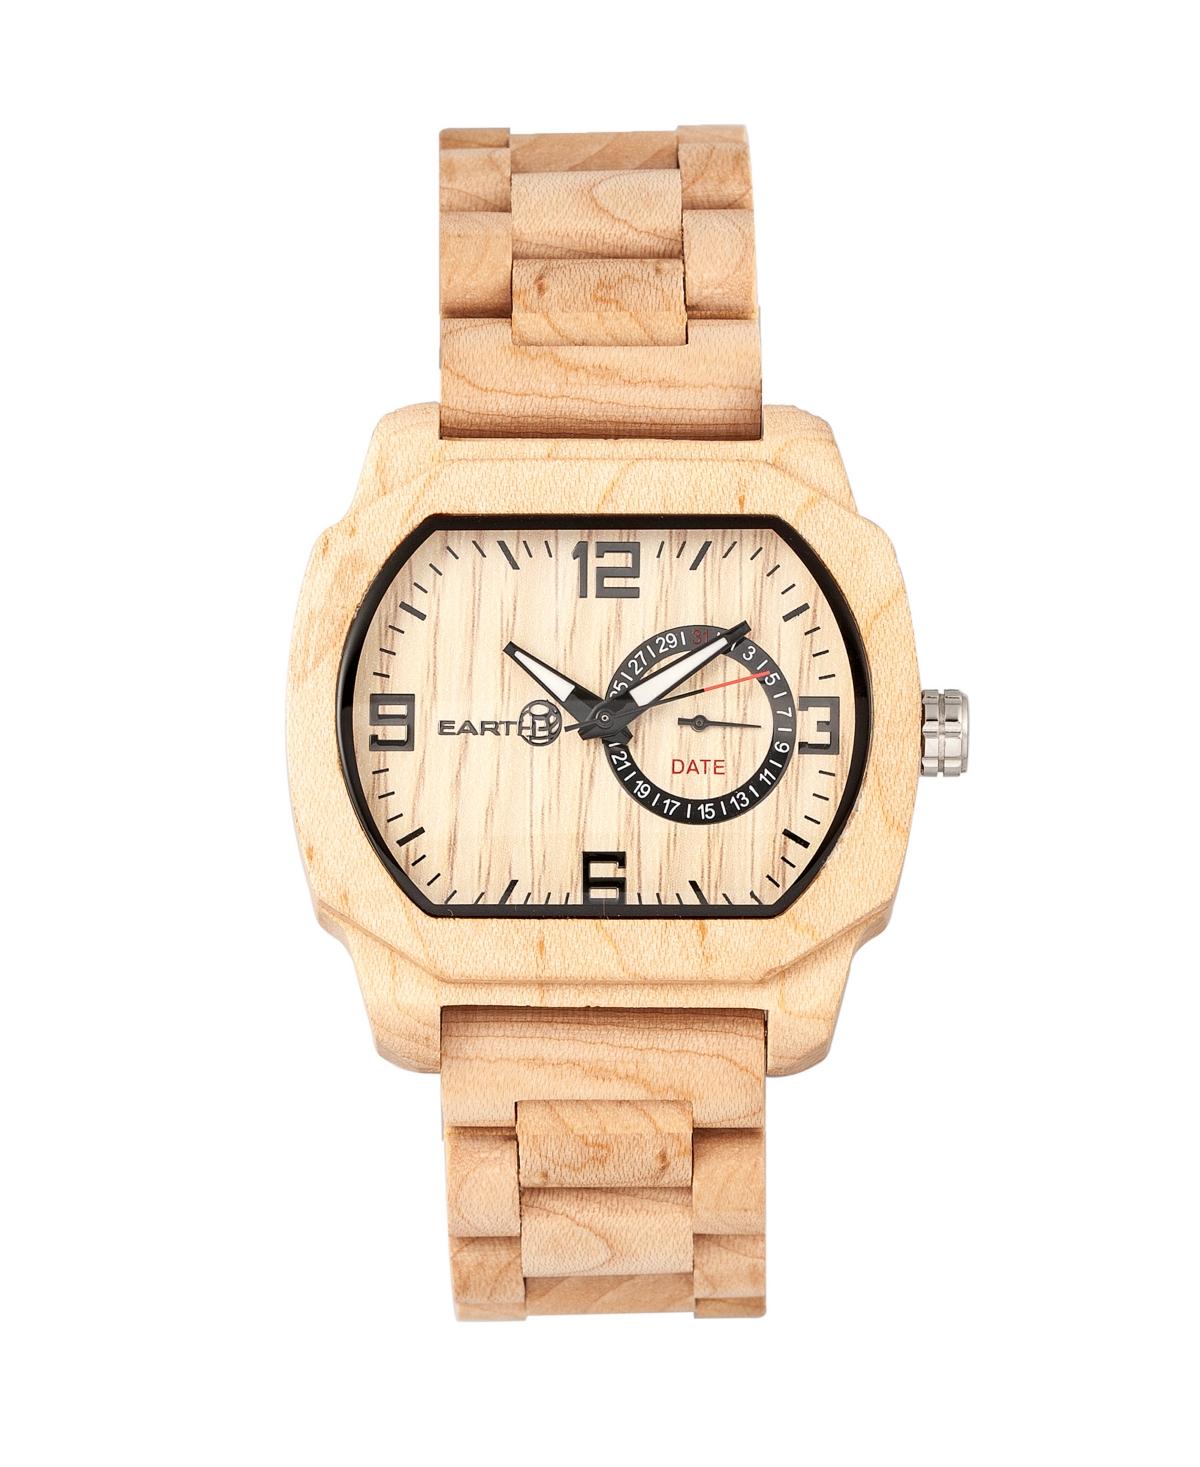 Earth Wood Scaly Wood Bracelet Watch W/Date Khaki 46Mm